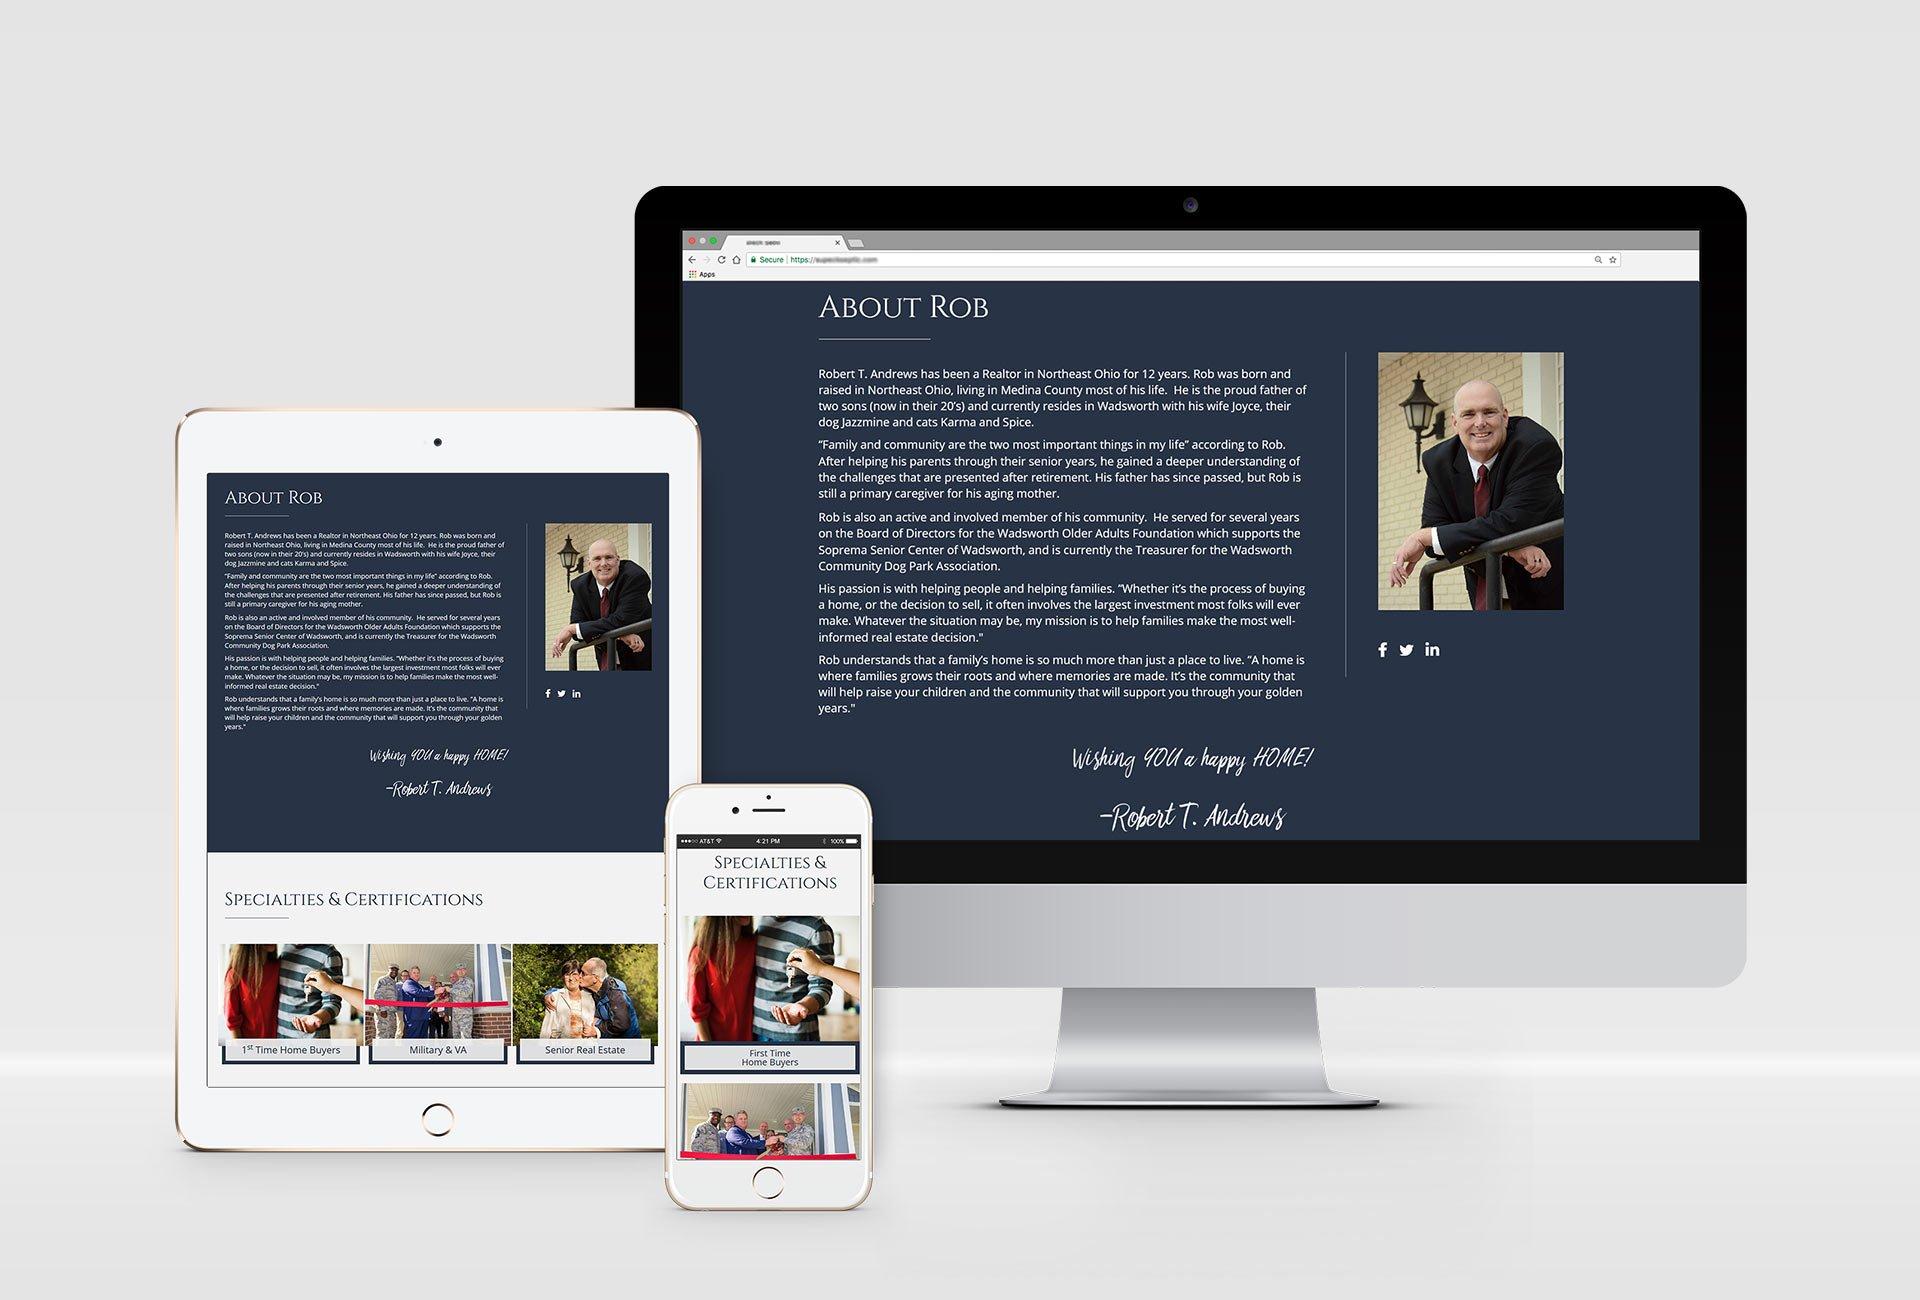 Real Estate Agent website design portfolio mockup